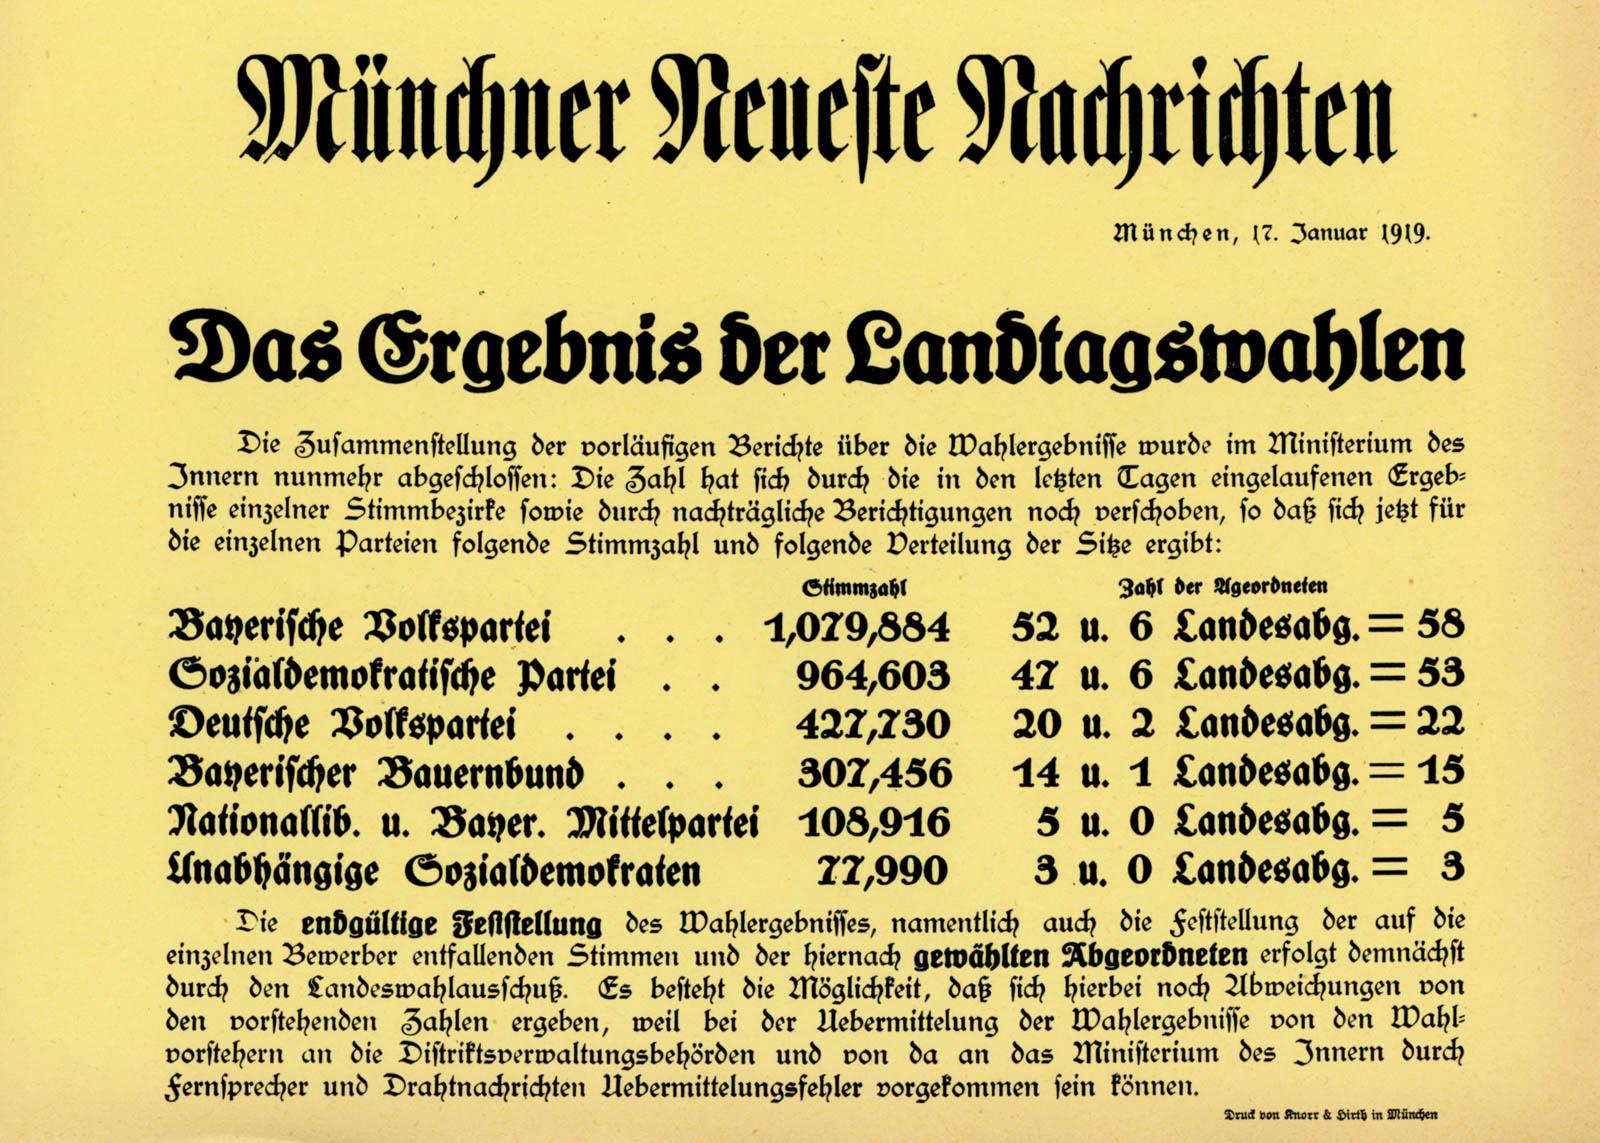 Das Ergebnis der Landtagswahlen